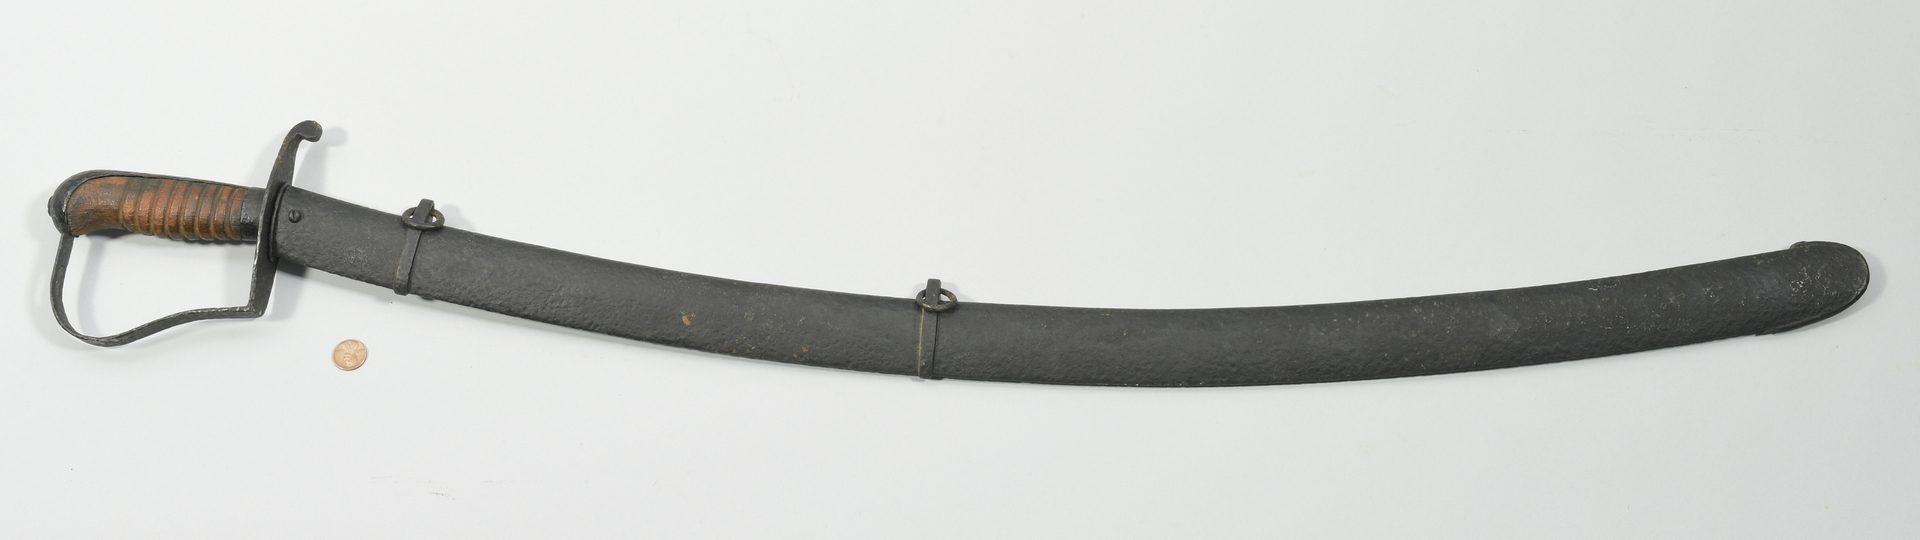 Lot 301: U.S. Cavalry 1818 N. Starr Saber